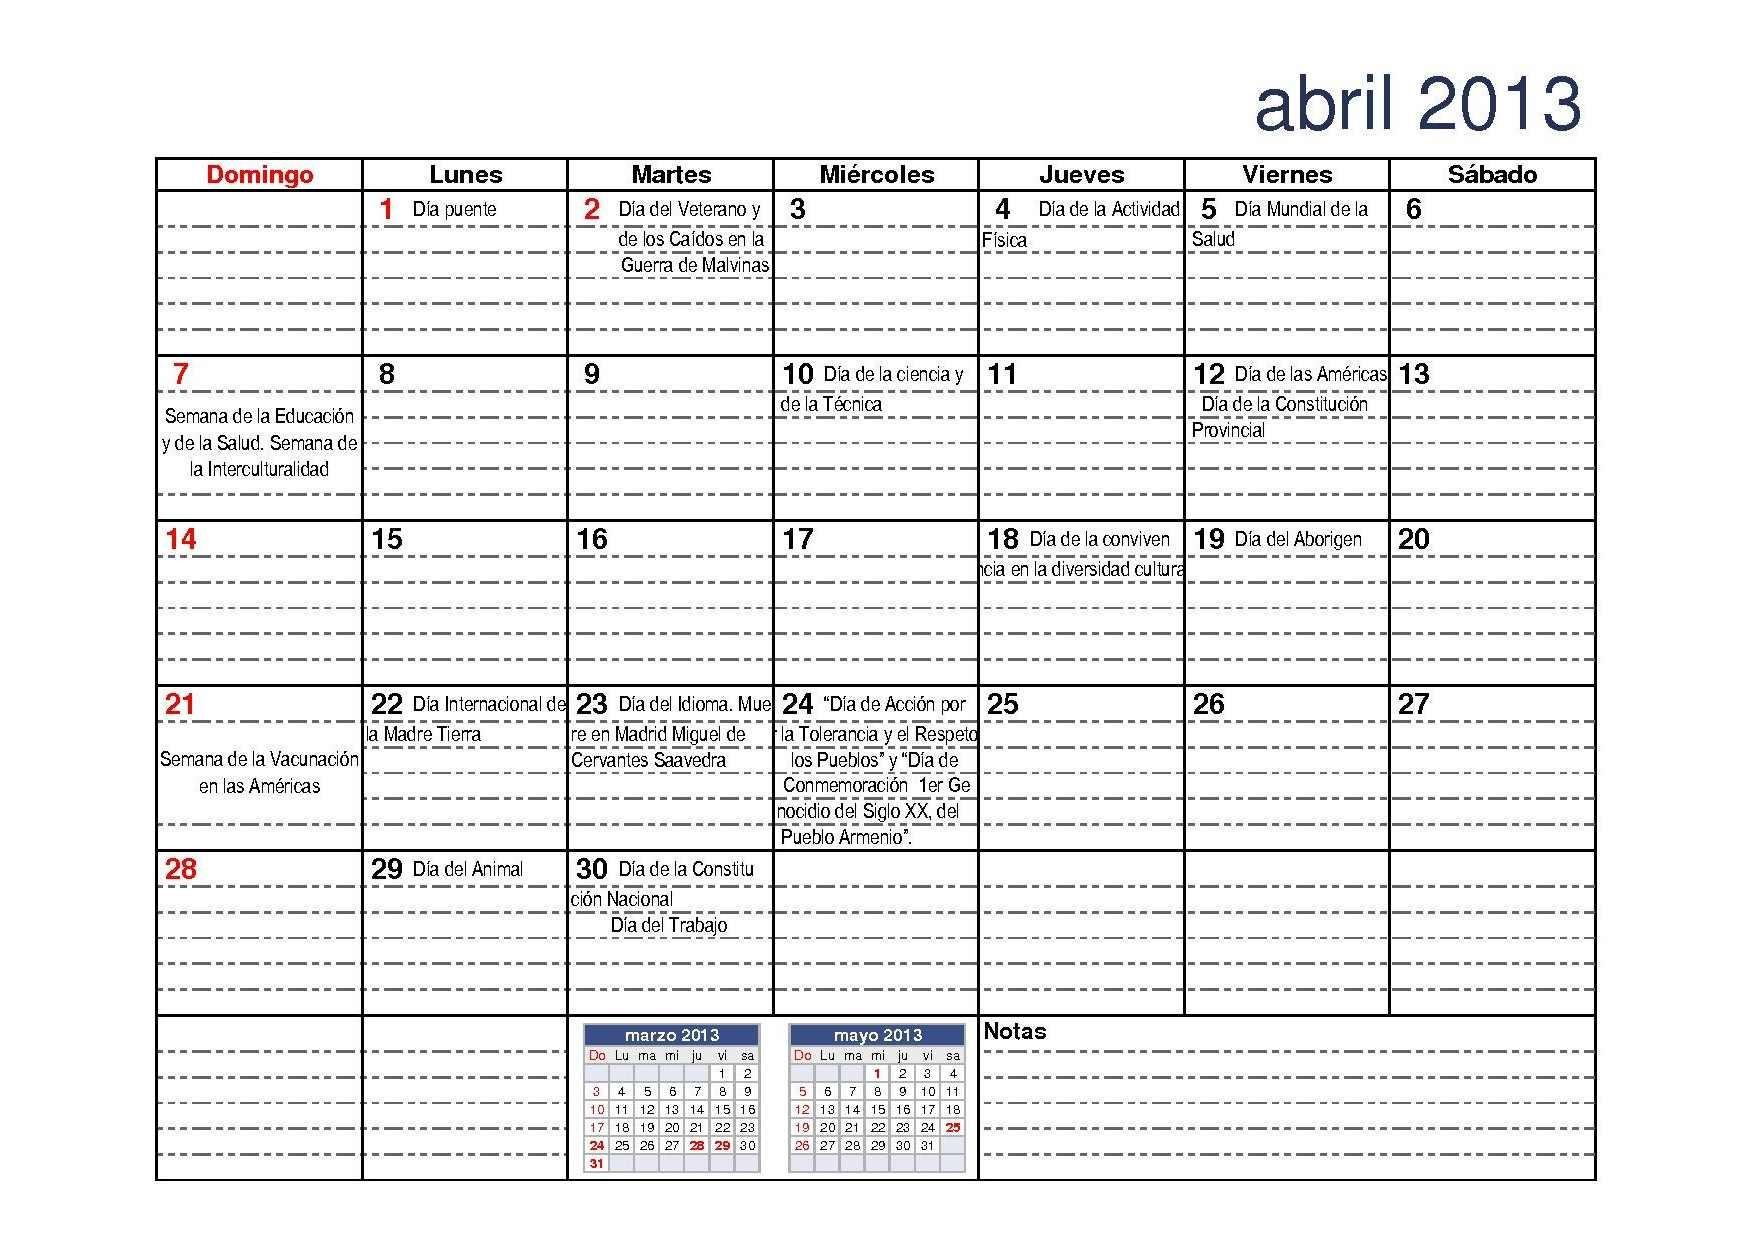 2013 marzo PARA JEFATURAS REGIONALES Y DISTRITALES